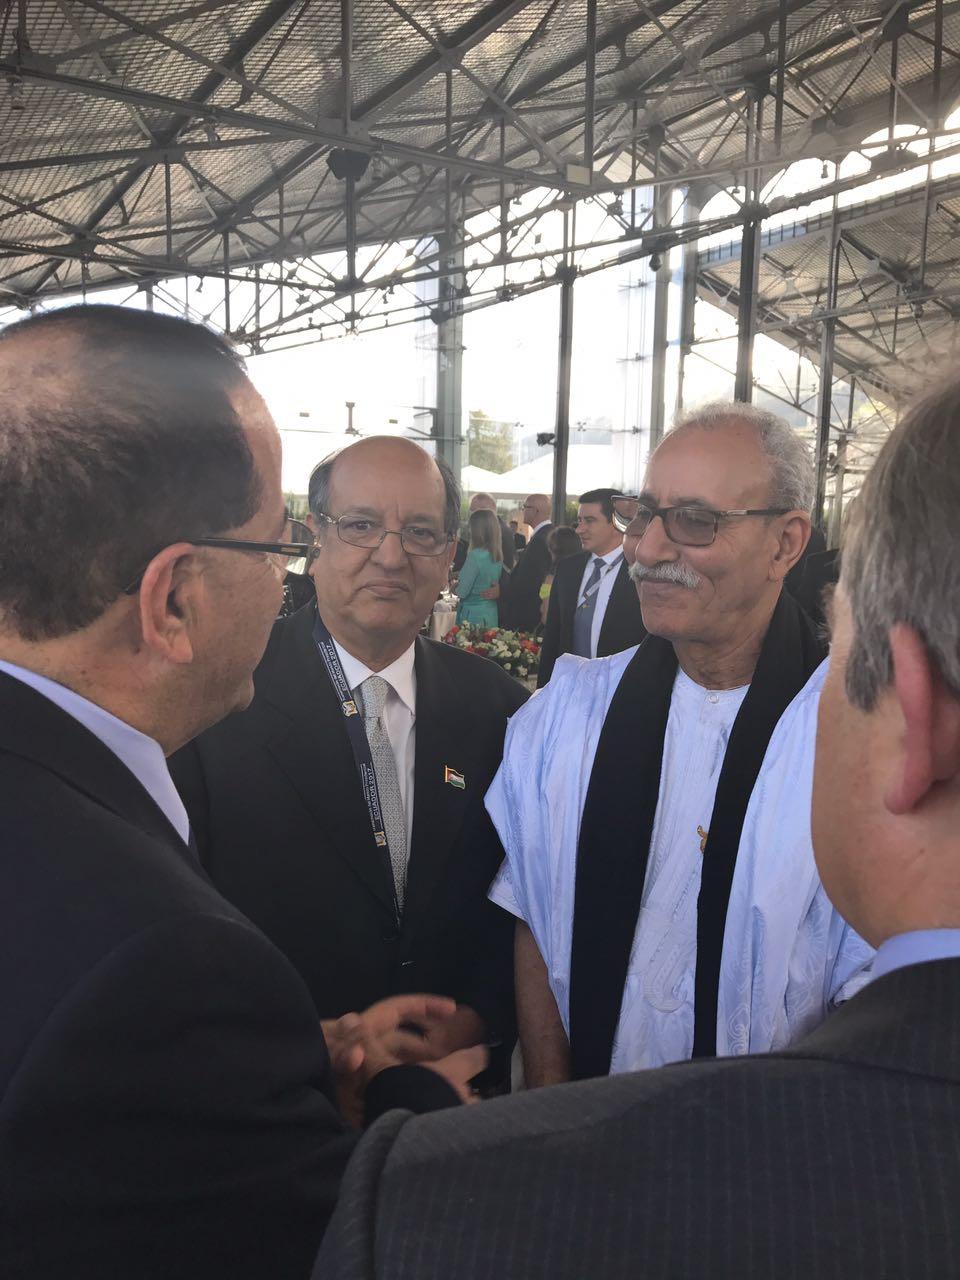 השר איוב קרא בפגישות דרמטיות באקוודור עם נציגים מהעולם הערבי